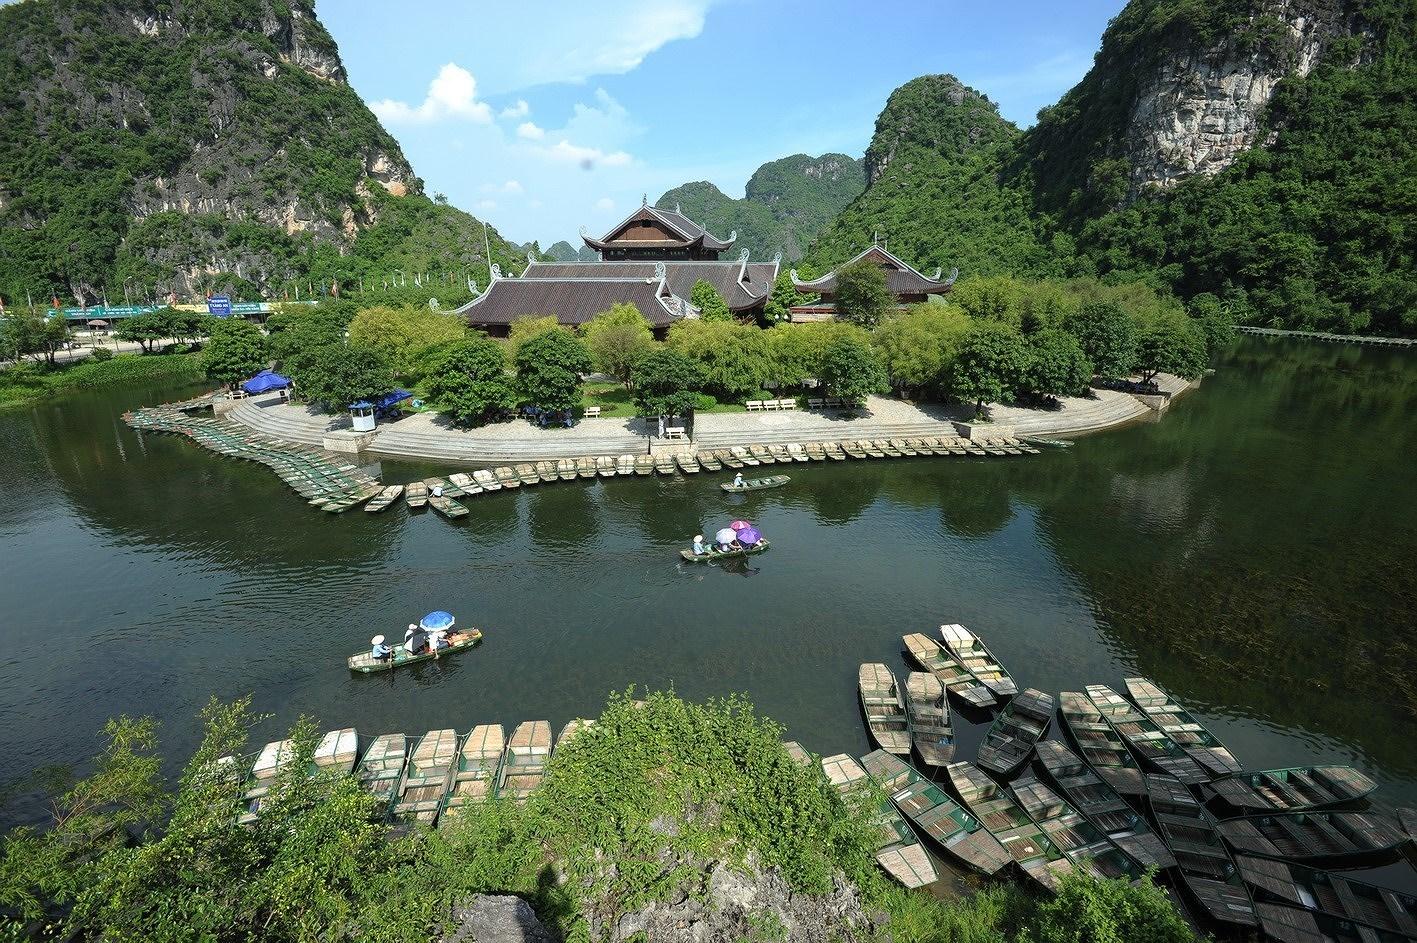 Ниньбинь - привлекательныи краи для туристов hinh anh 2